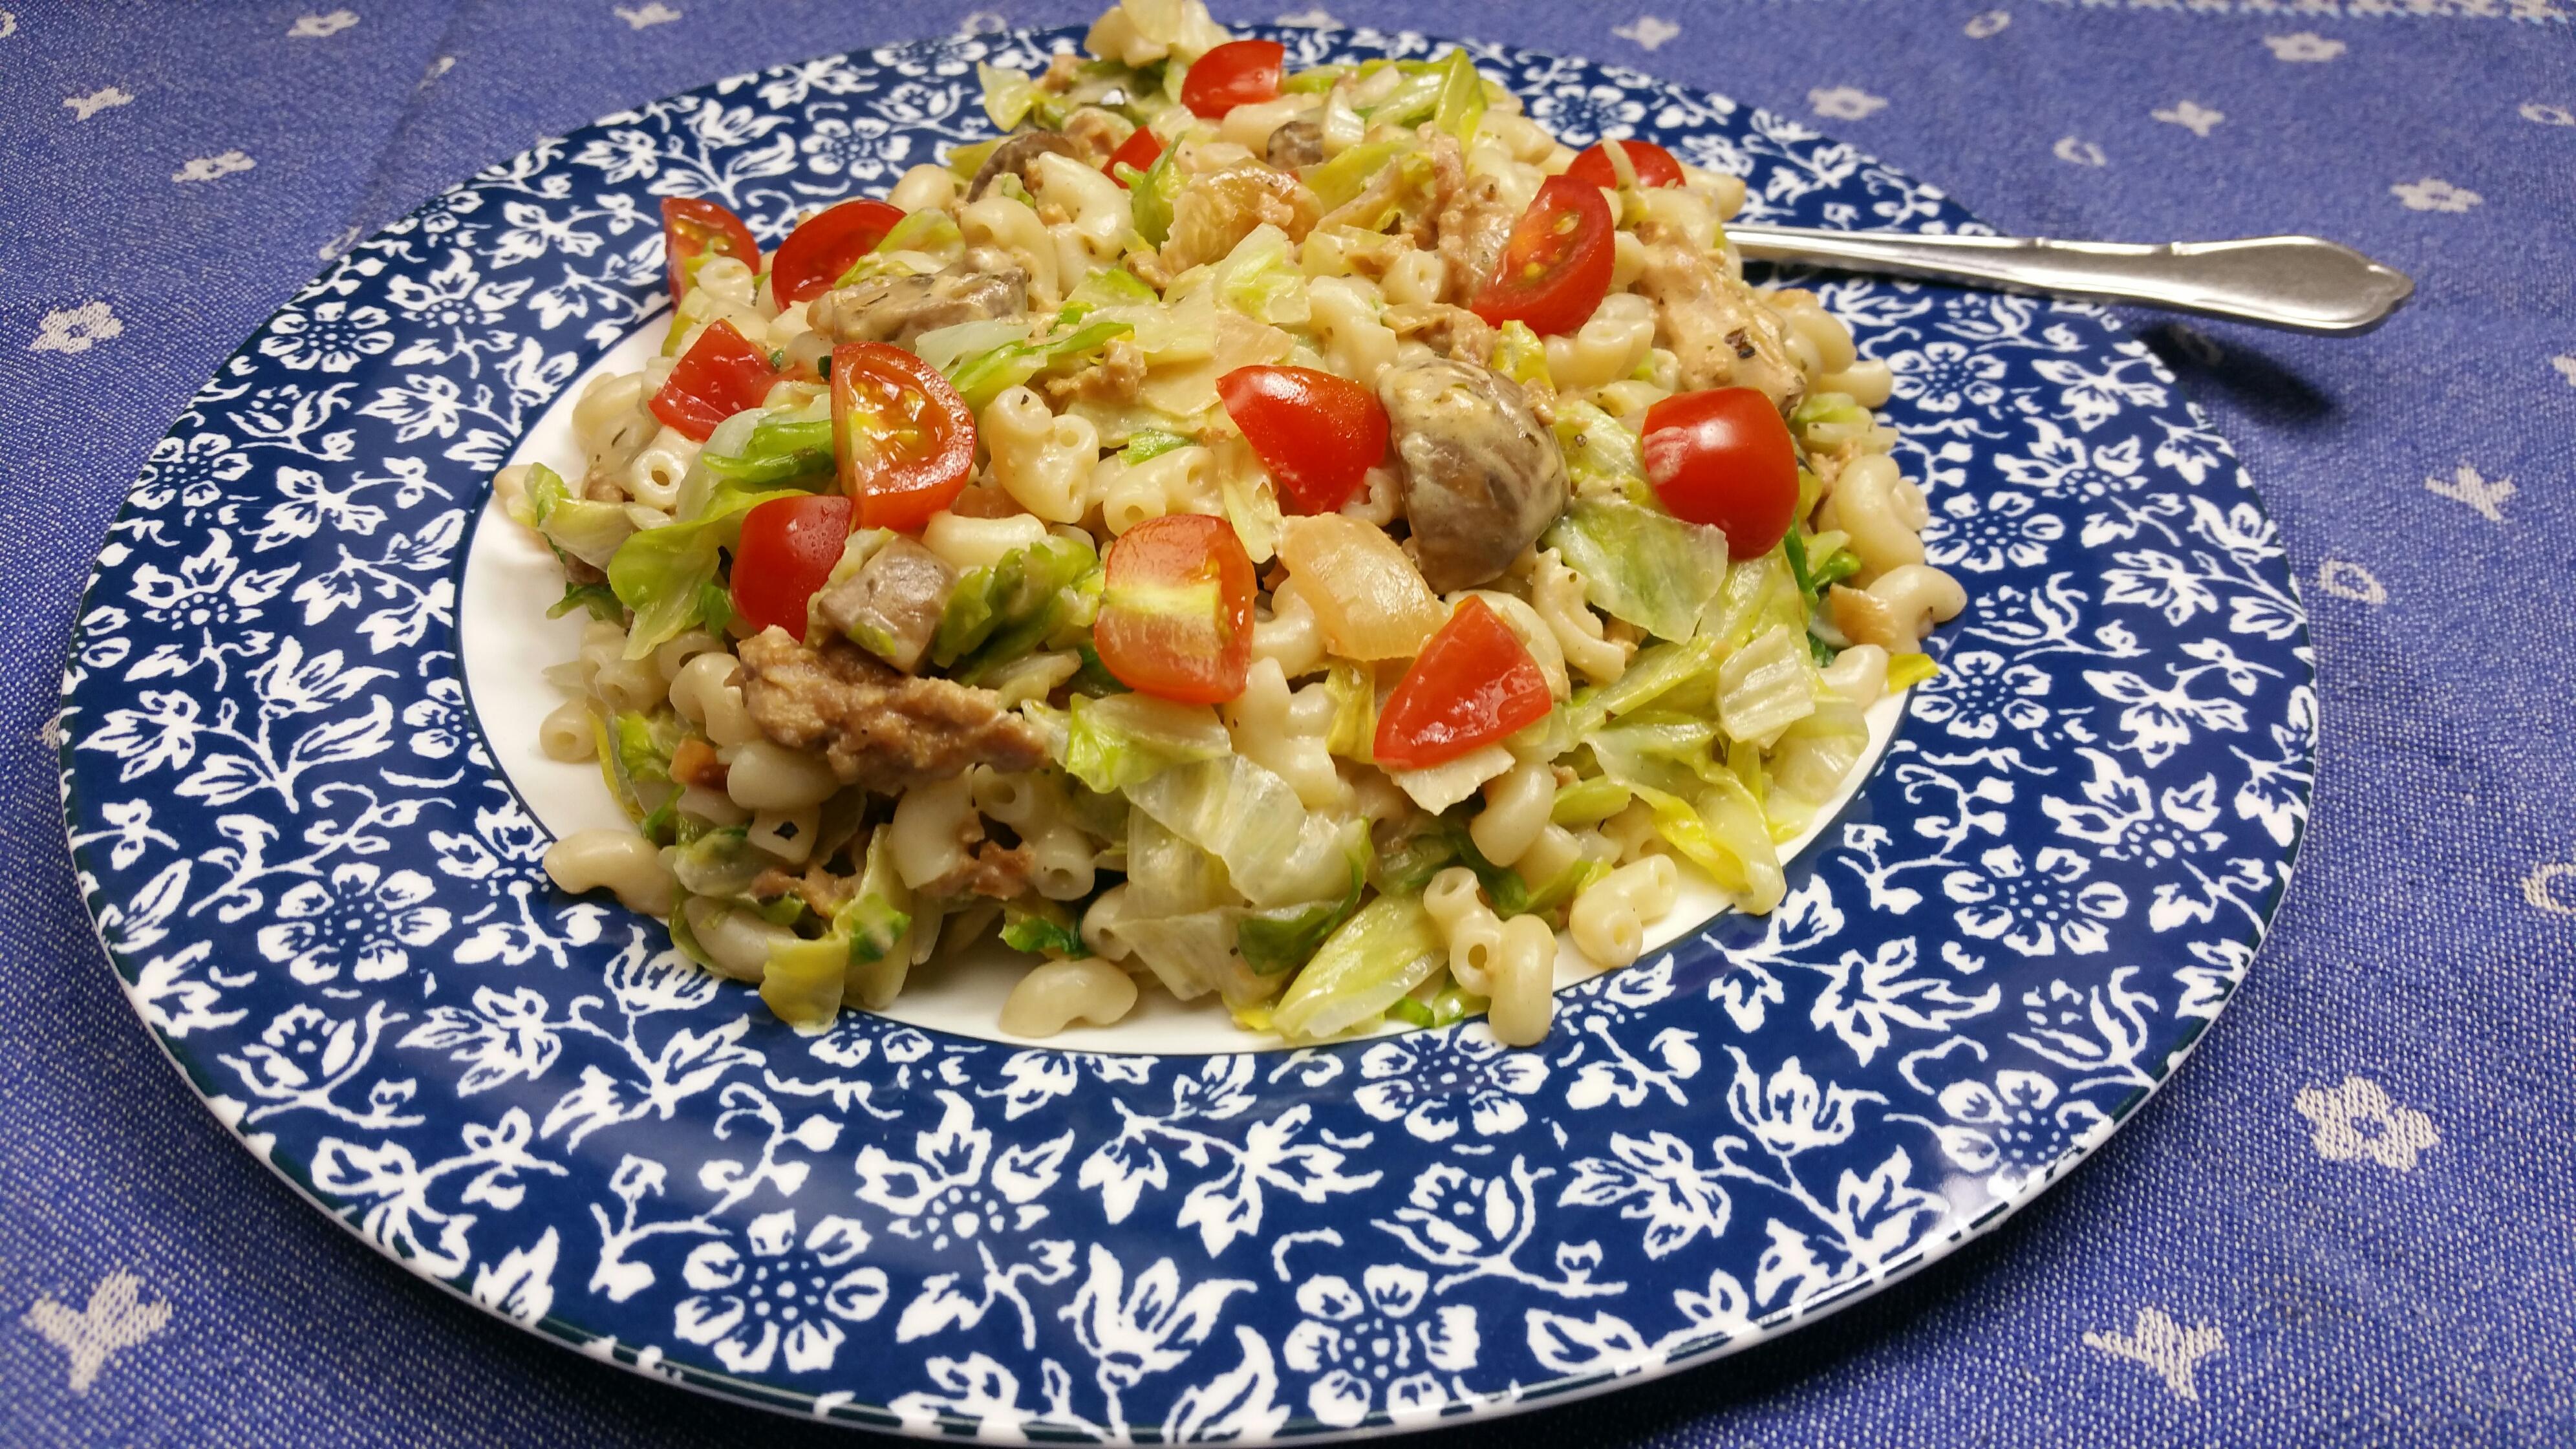 Uitgelichte foto voor het bericht Groenlof met pasta, roomkaas en gehakt